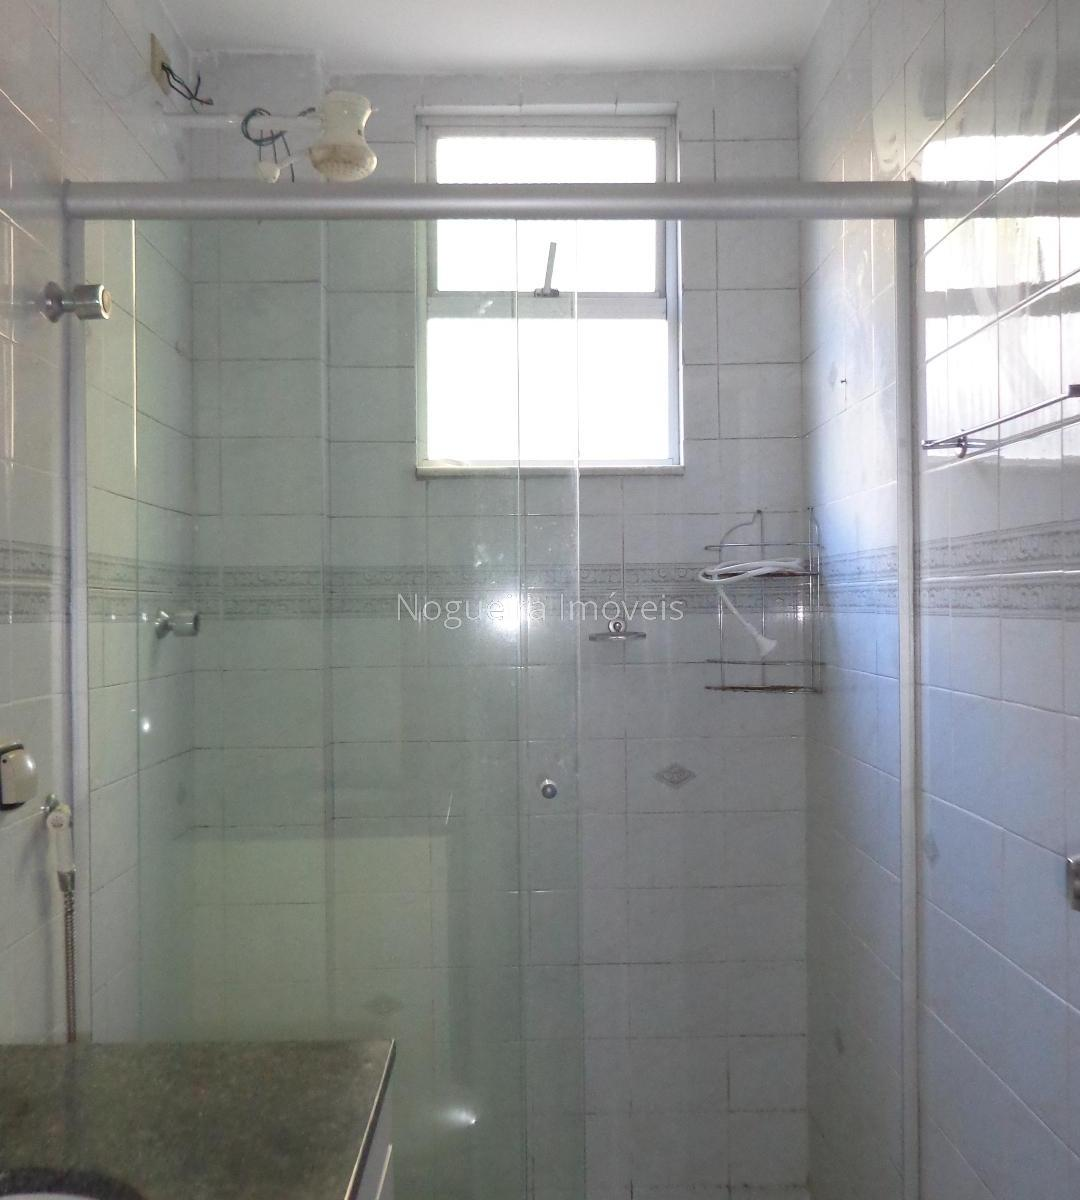 Box De Acrilico Para Banheiro Juiz De Fora : Apartamento para aluguel com quarto granbery juiz de